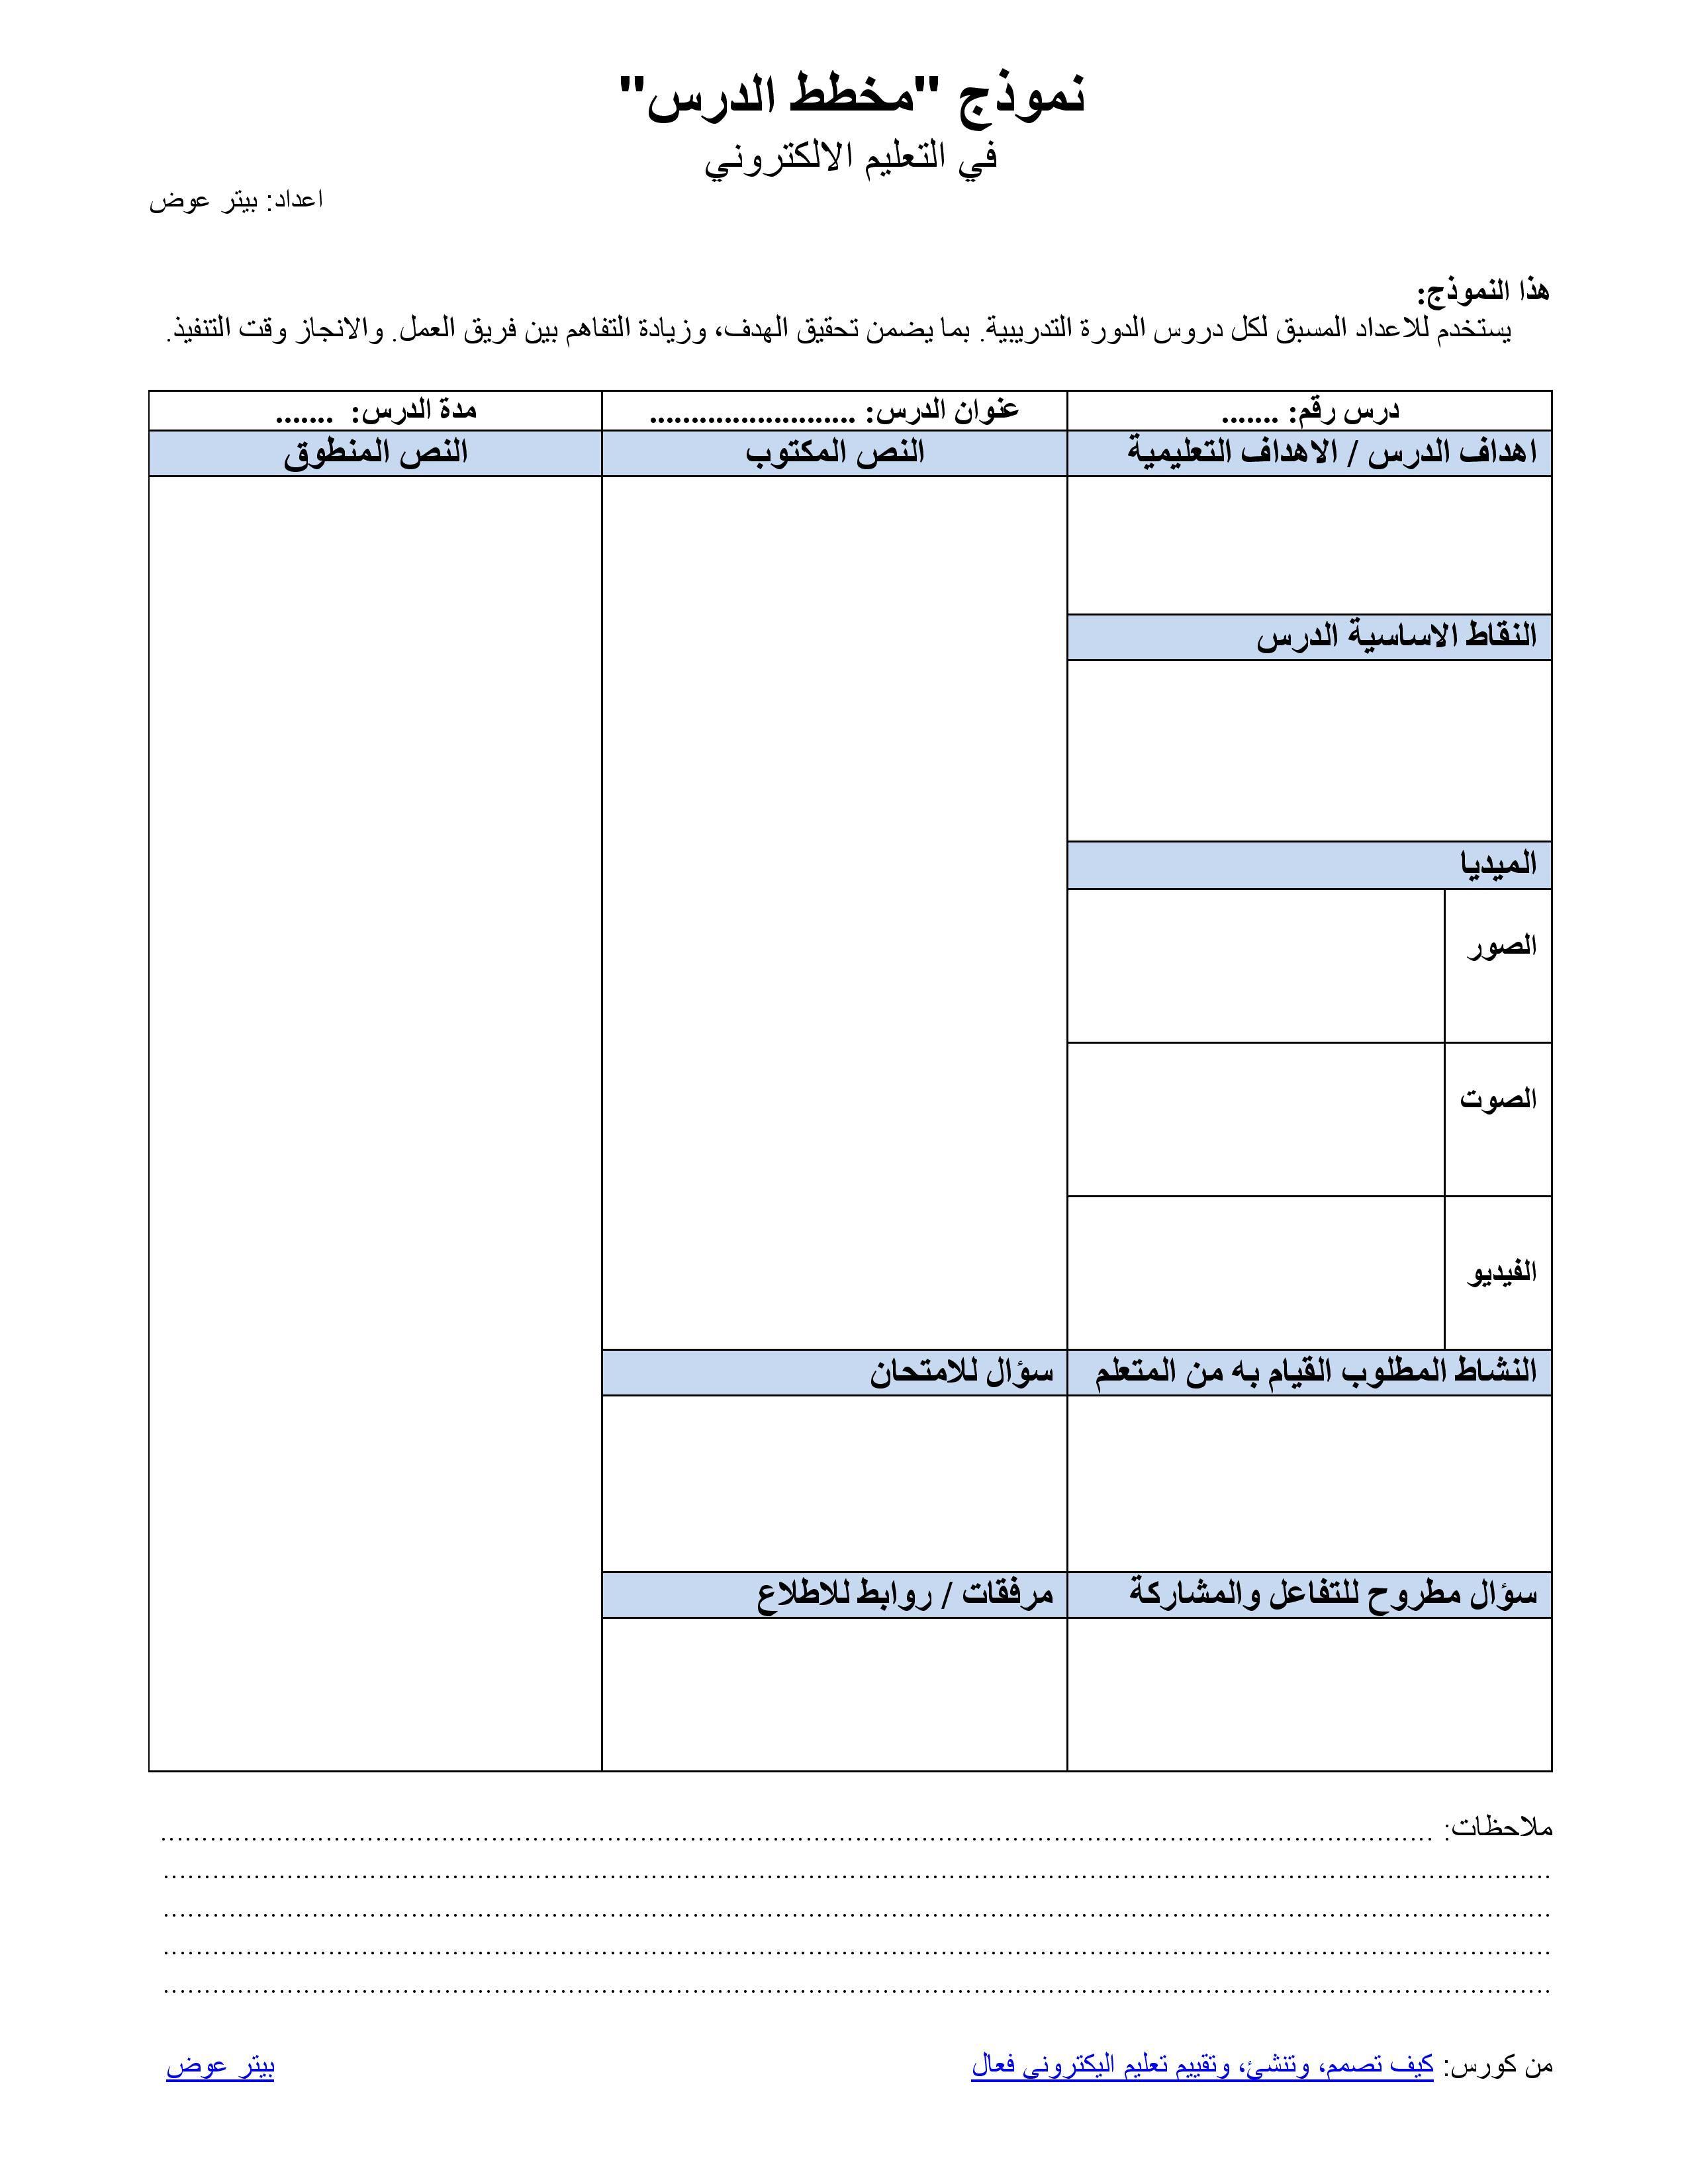 مخطط الدروس نموذج لتصميم دروس التعليم الاليكتروني Elearning Bar Chart Education